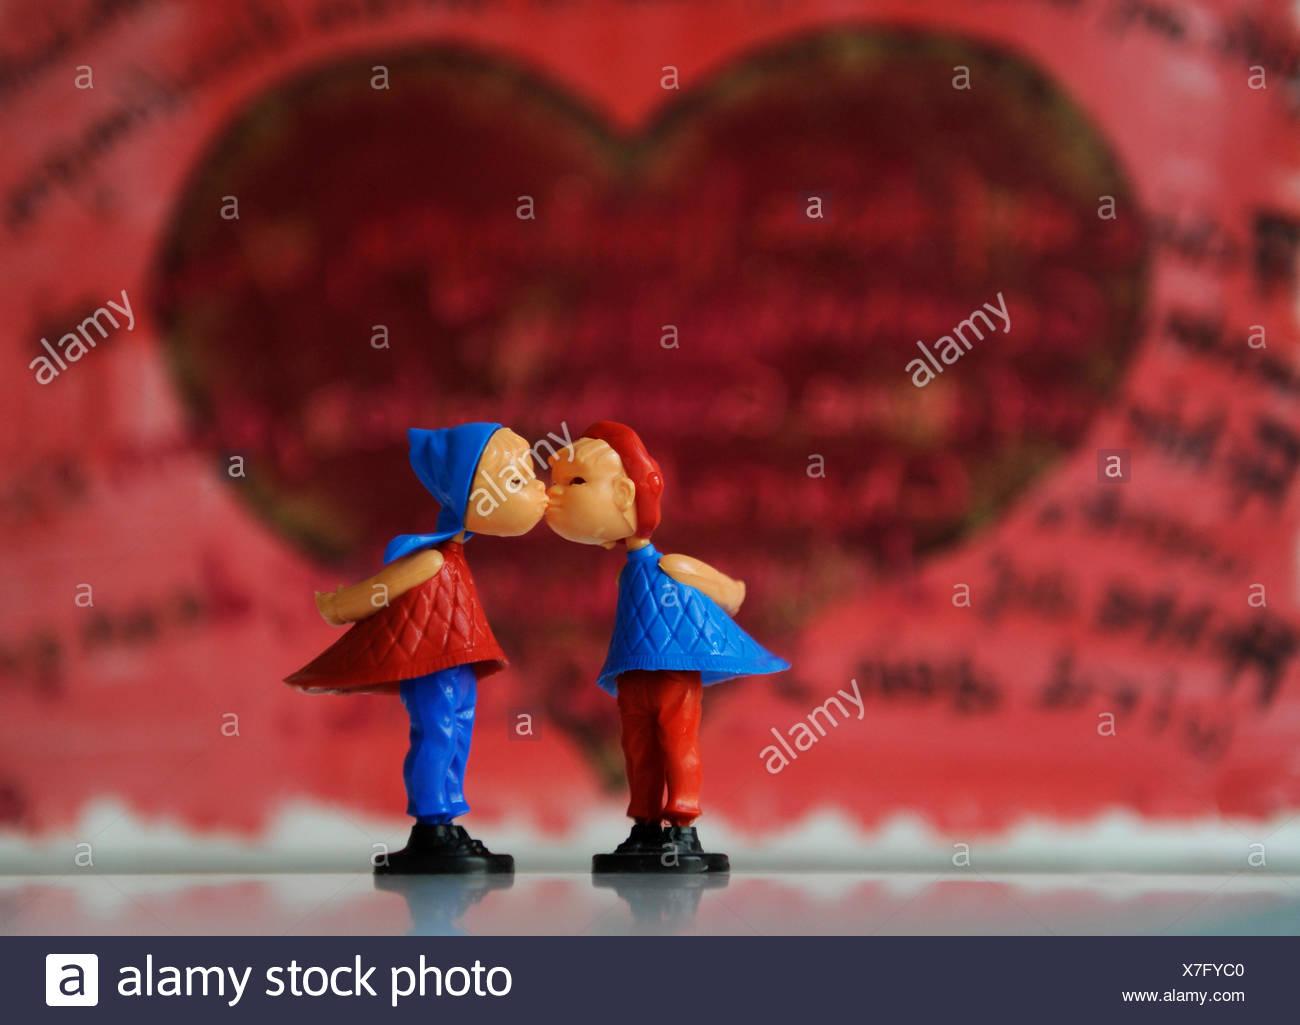 Küssende Figuren, symbolisches Bild für Liebe, Partnerschaft, Ehe Stockbild